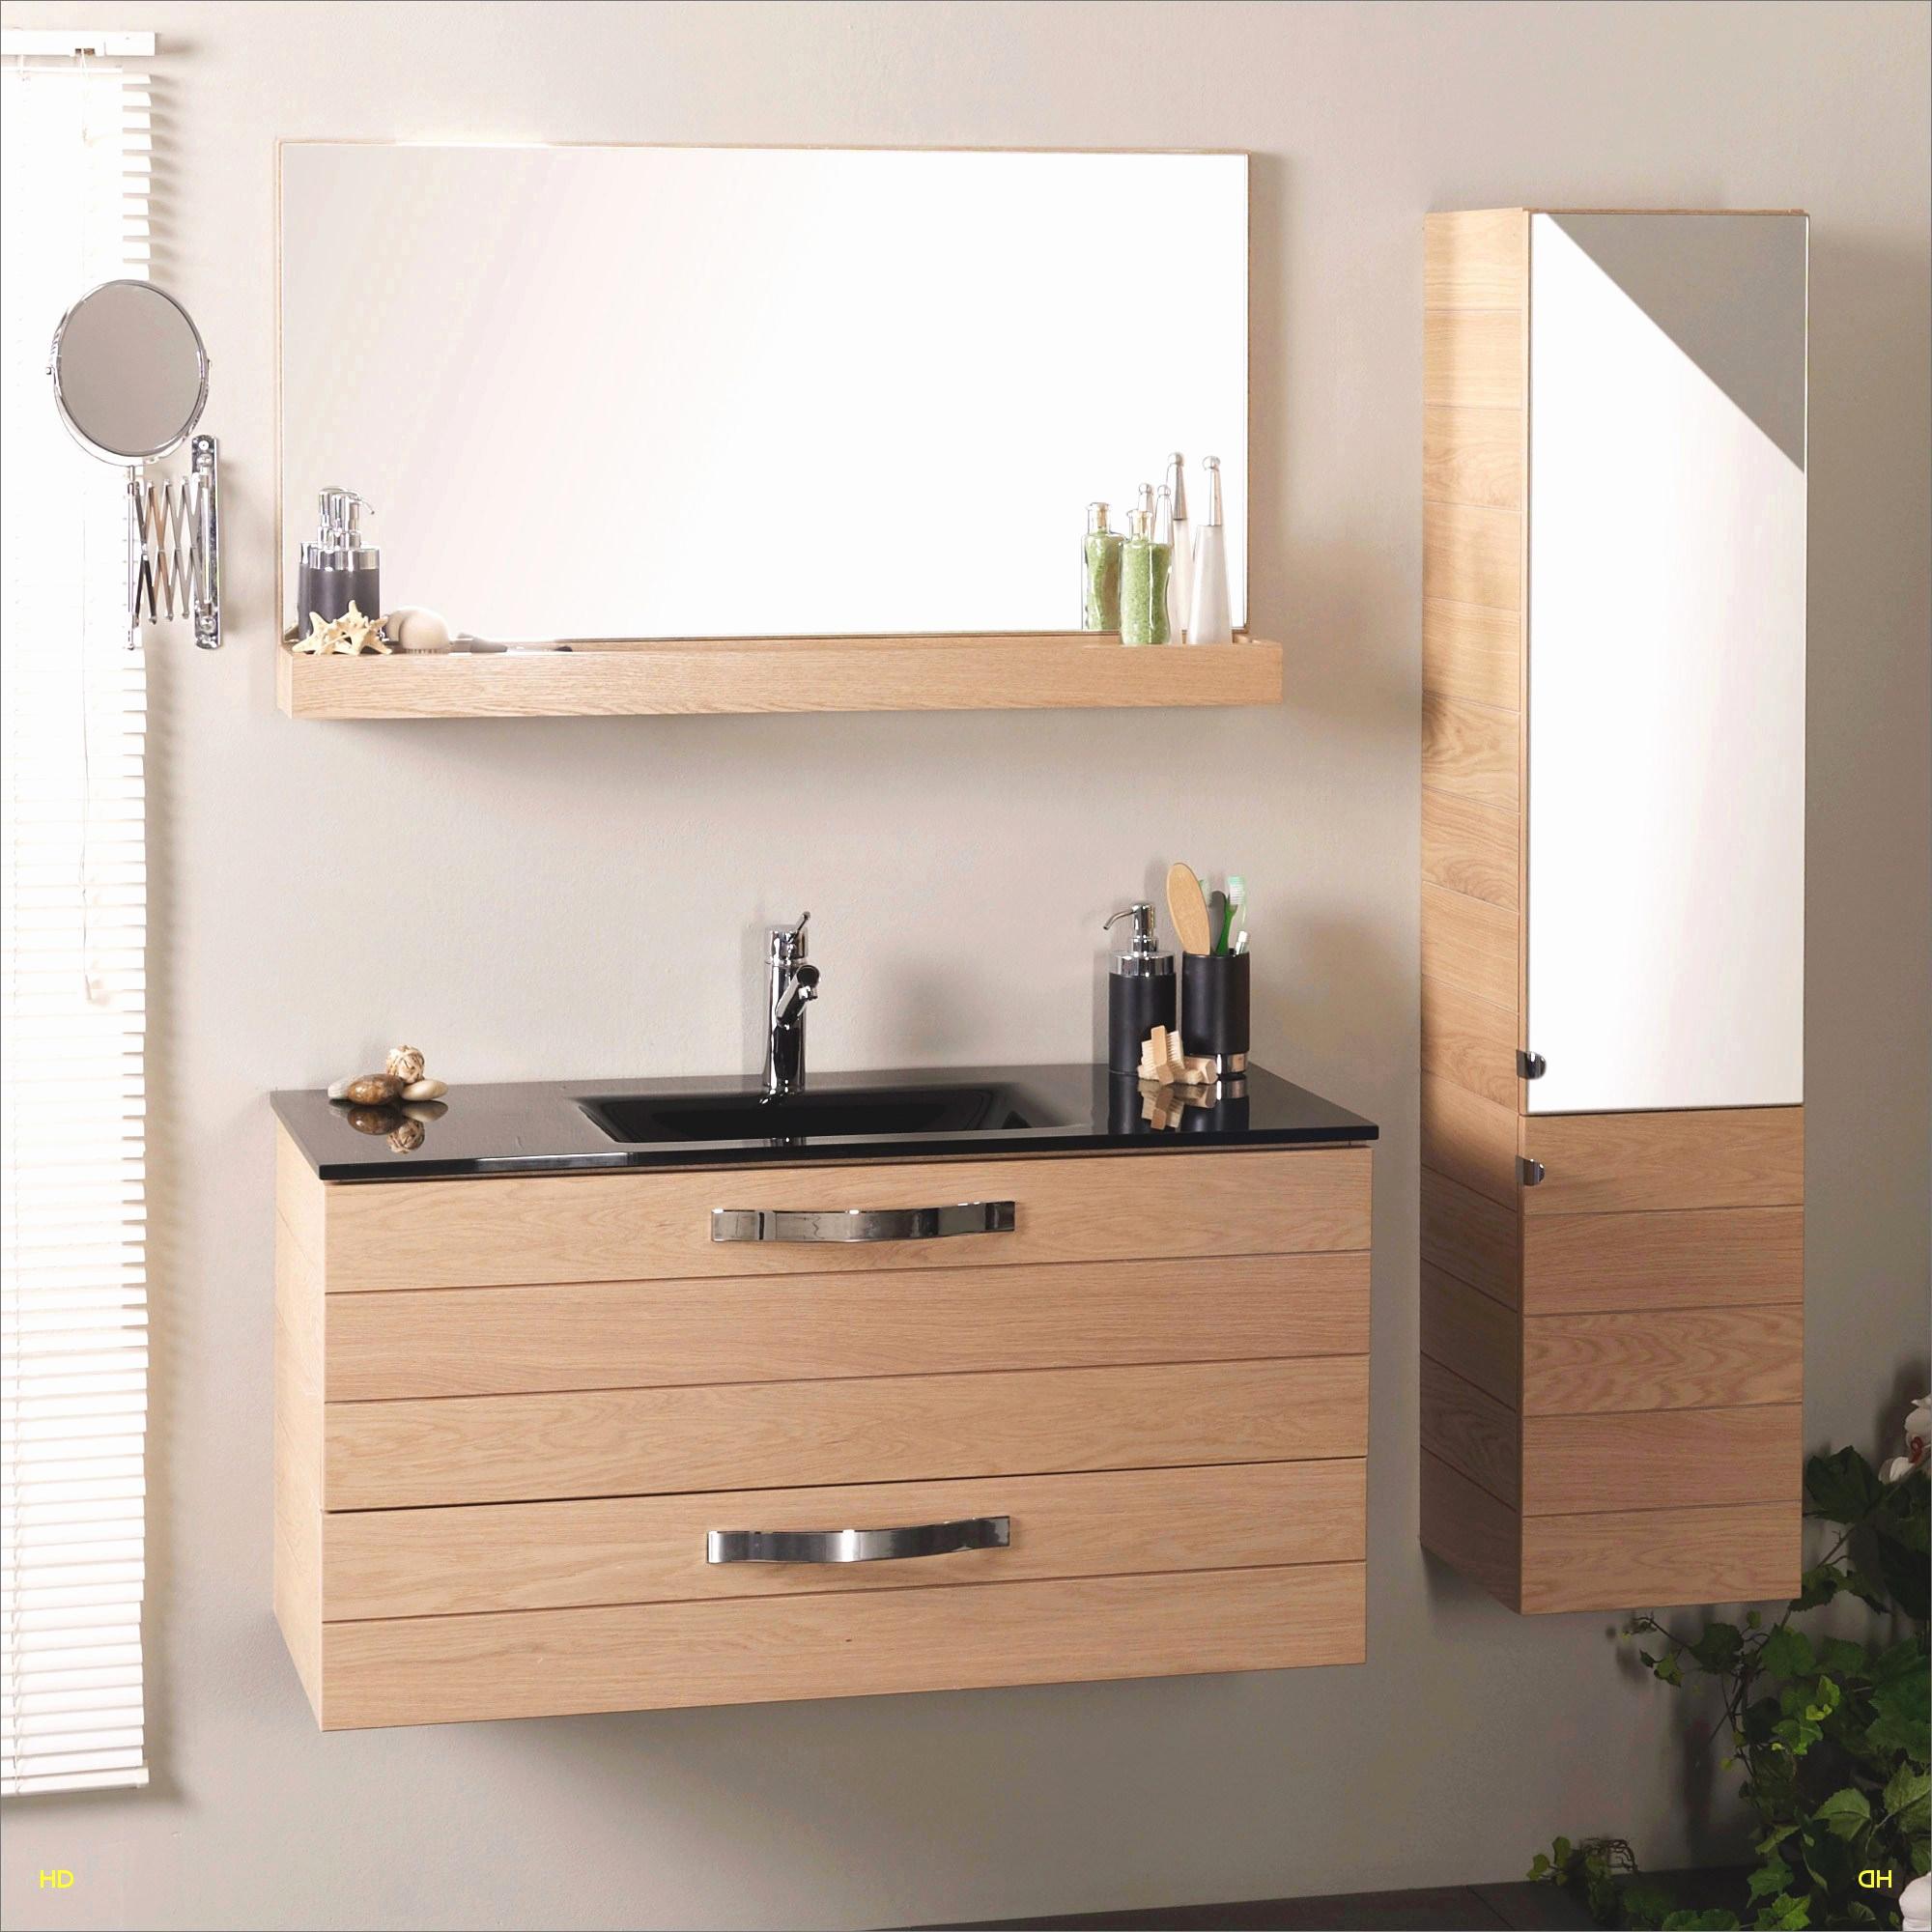 sidv salle de bain frais magasin meuble rodez of sidv salle de bain